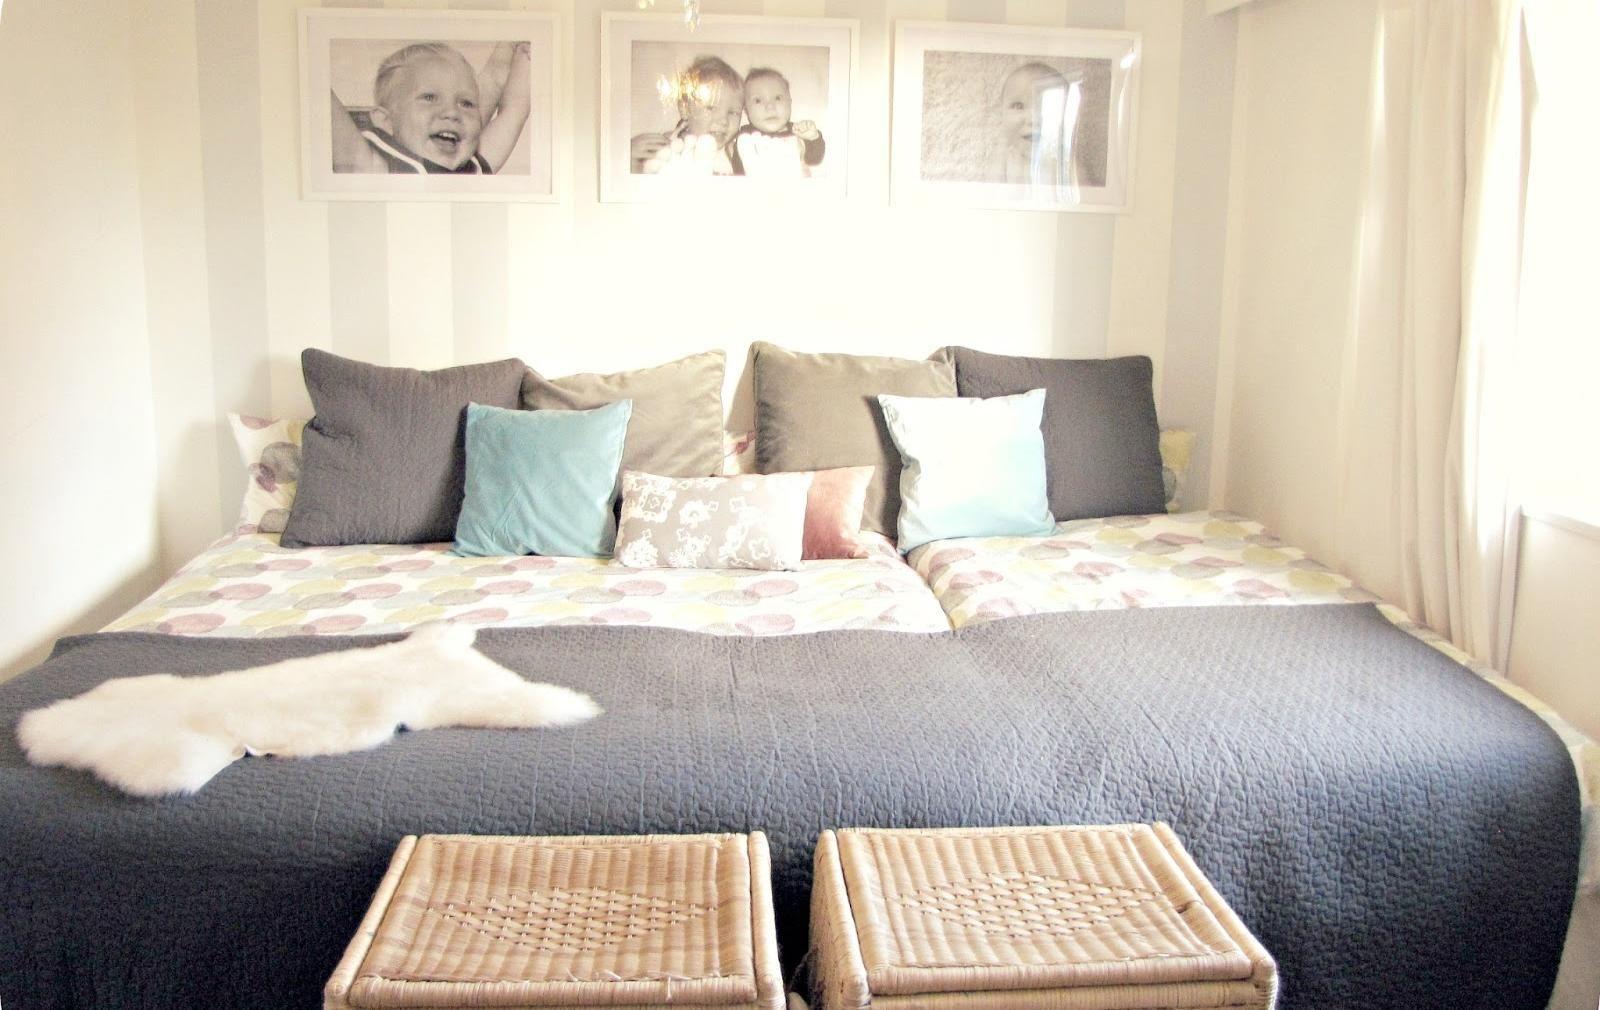 Hier Finden Sie Die Anleitung Zu Gestaltung Eines Wunderschonen Familienbettes Ganz Einfach Zusammengestellt A Familien Bett Bett Ideen Betten Fur Kleine Raume